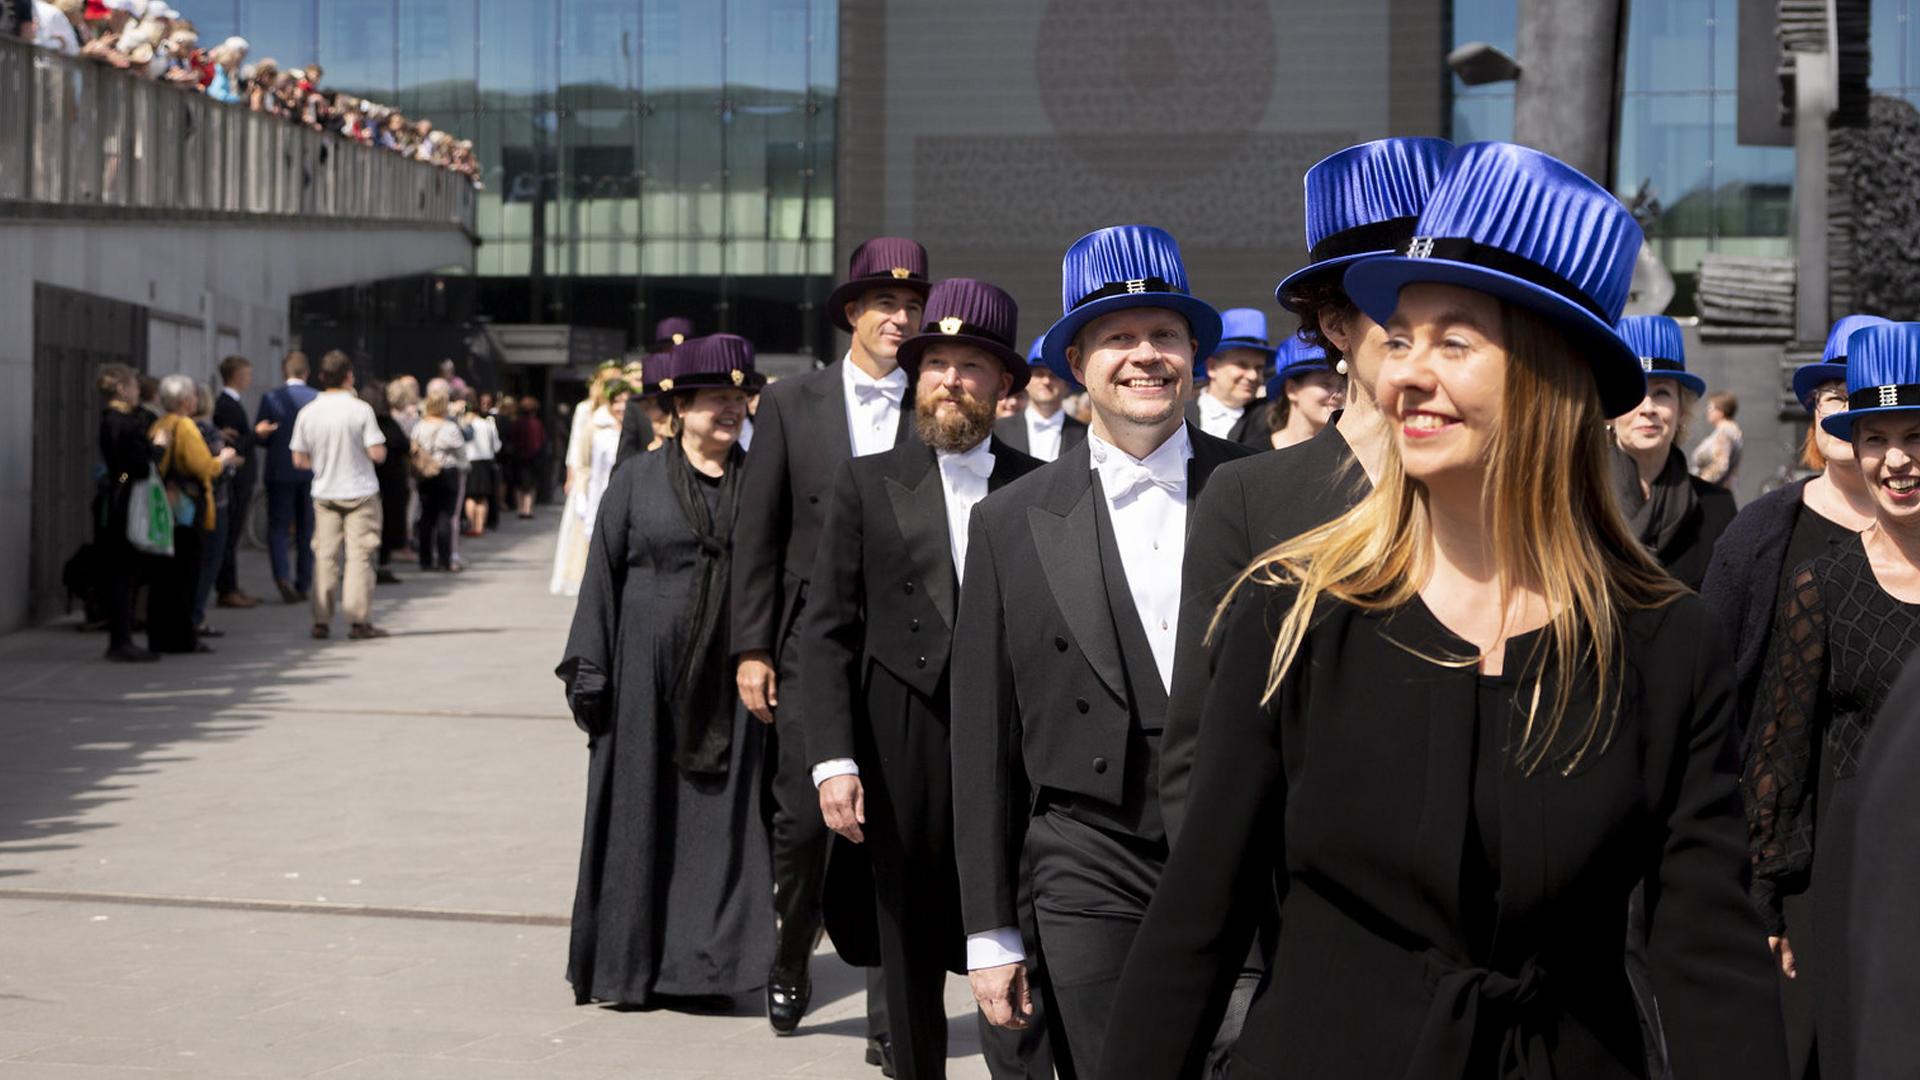 Musiikintohtoreita promootiokulkueessa sinisissä musiikintohtorin hatuissaan Musiikkitalon ulkopuolella.